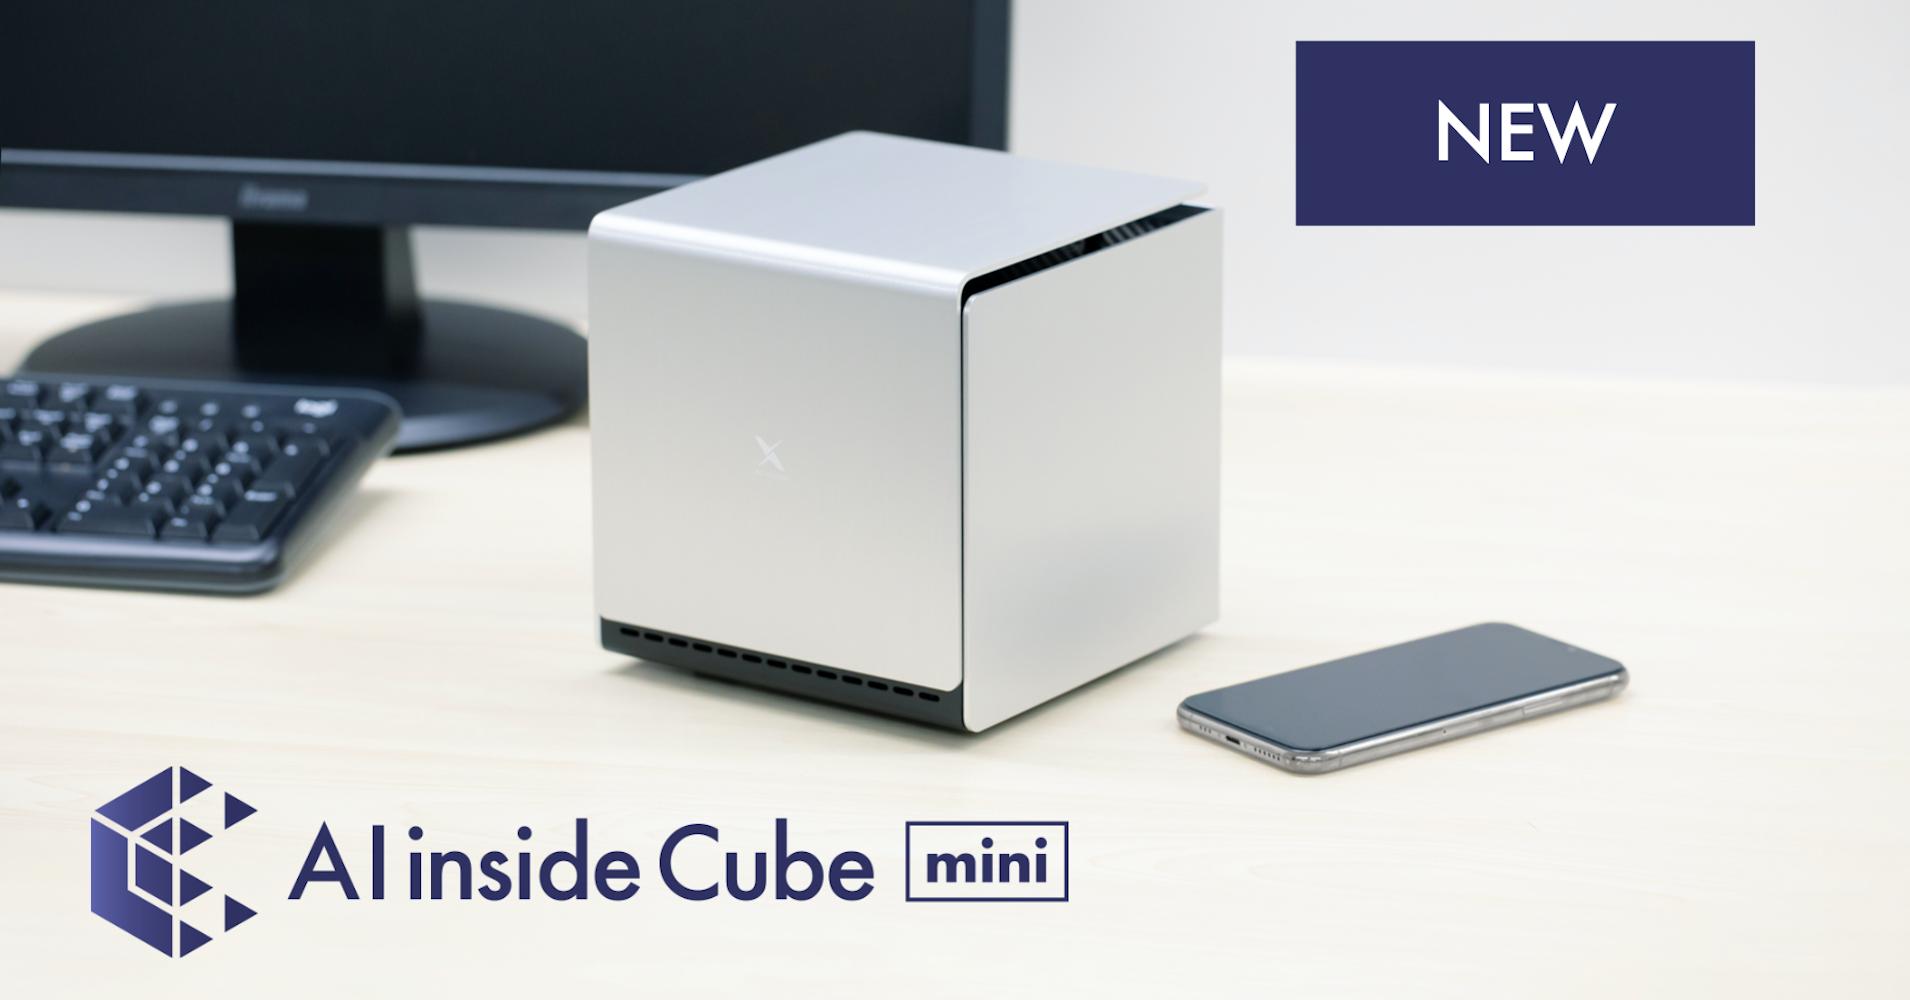 エッジコンピュータ「AI inside Cube mini」新発売 、よりコンパクトに より導入しやすいサブスクリプション価格で提供